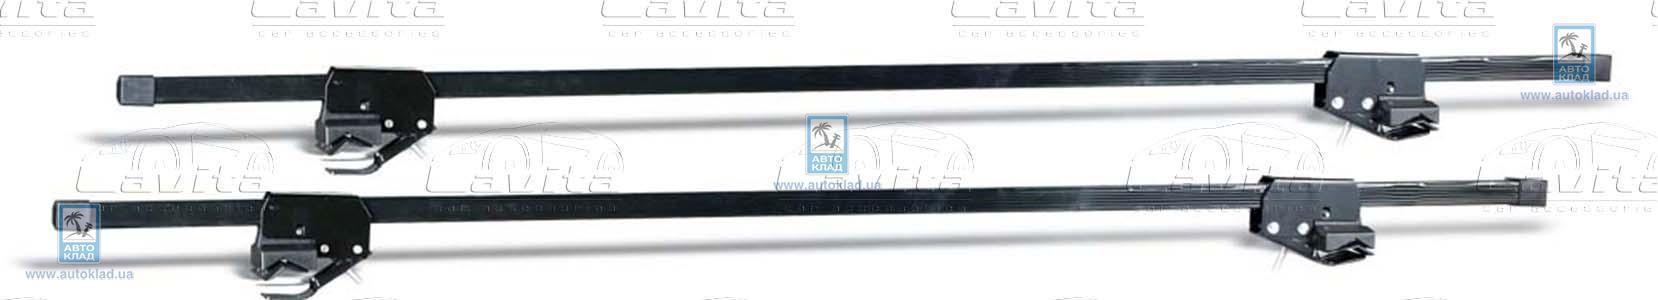 Багажник на крышу универсальный LAVITA 24012548: описание